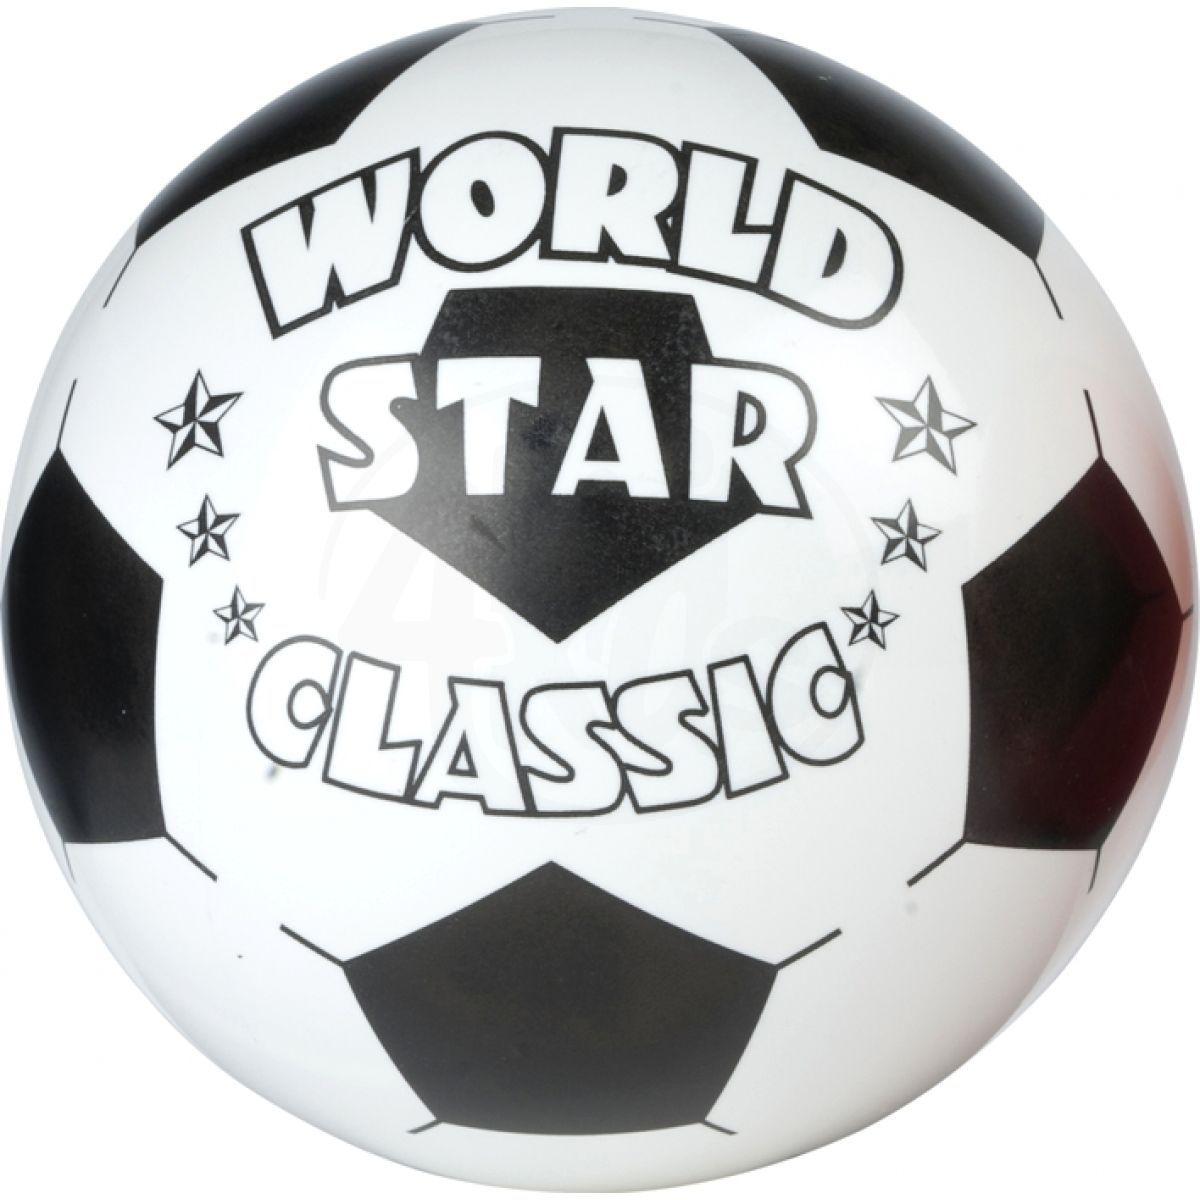 John Míč World Star 22 cm Bílý